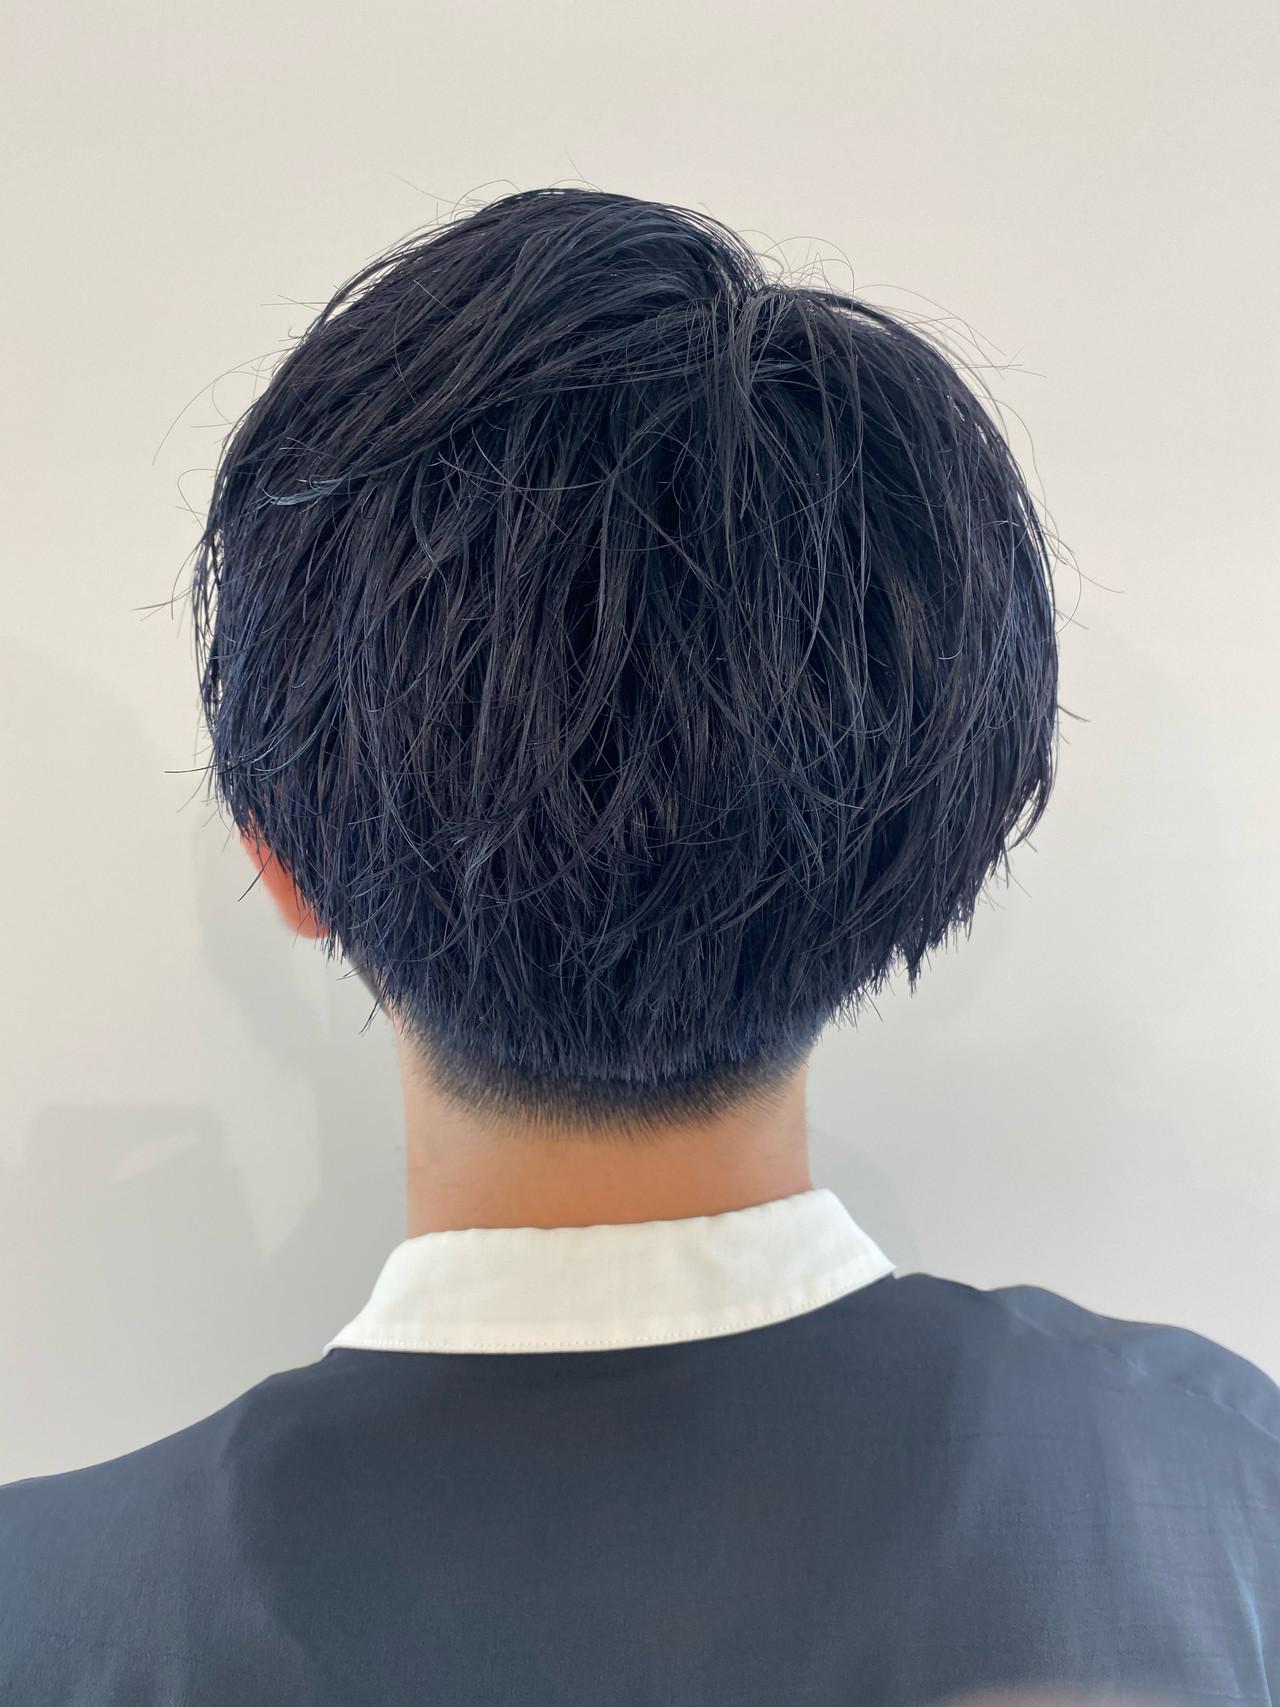 ネイビーブルー メンズ メンズカラー ストリートヘアスタイルや髪型の写真・画像